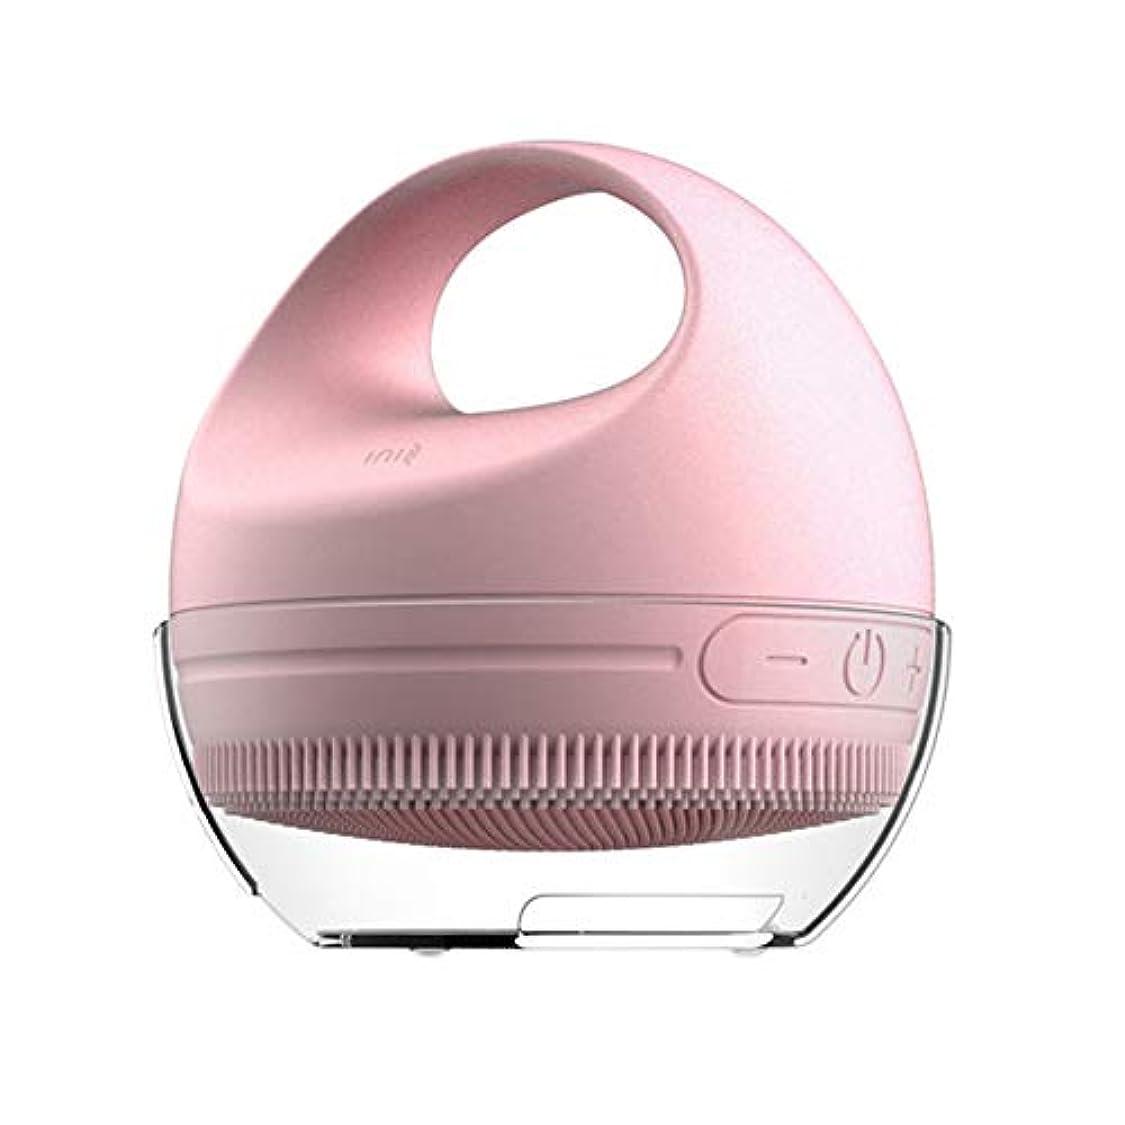 逃す敬意を表して大洪水電気暖かい/振動シリコーンフェイスクレンザーとマッサージブラシをアップグレードしてください自己乾燥技術を使って、滑り止めのハンドル、インテリジェントなタイミング、防水IPX6、1200 mAhバッテリ,Pink